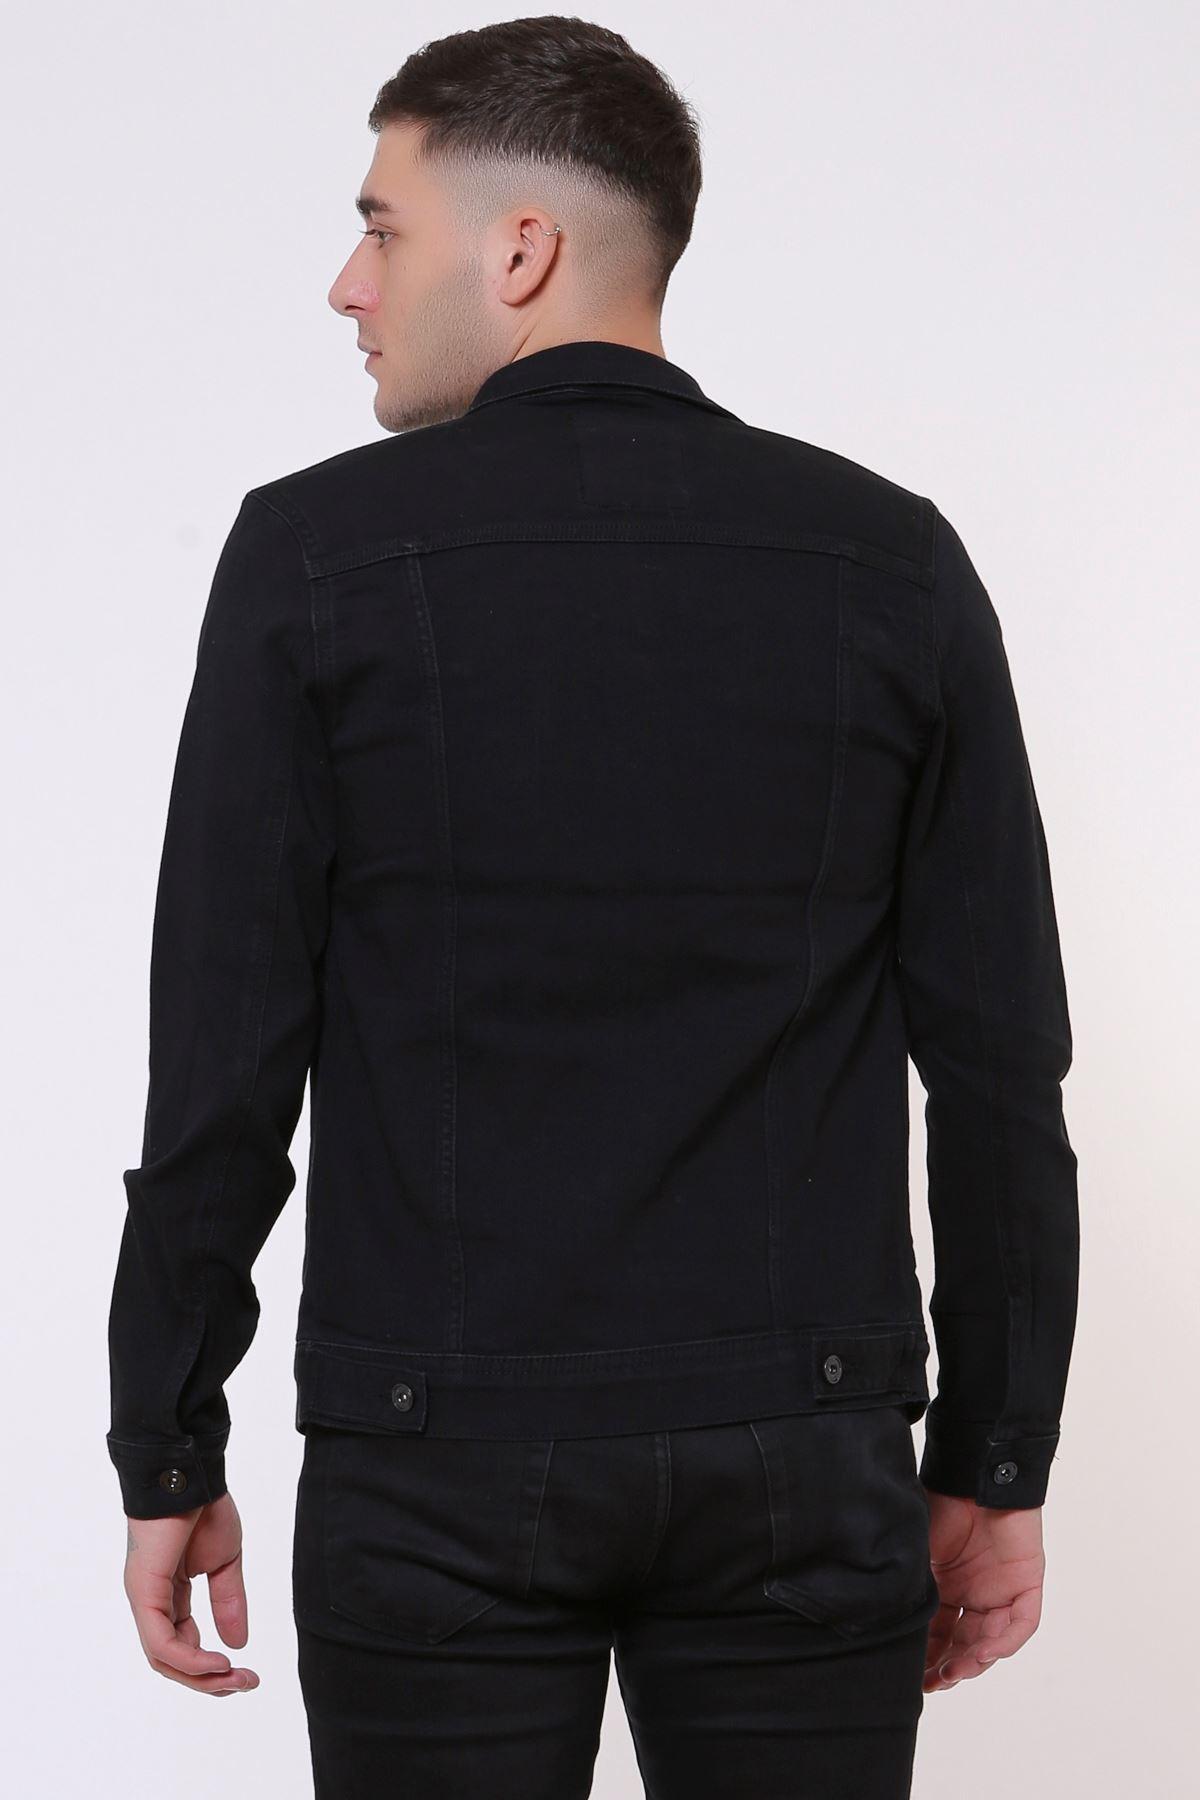 Çift Cep Fermuarlı Yakalı Siyah Erkek Kot Ceket